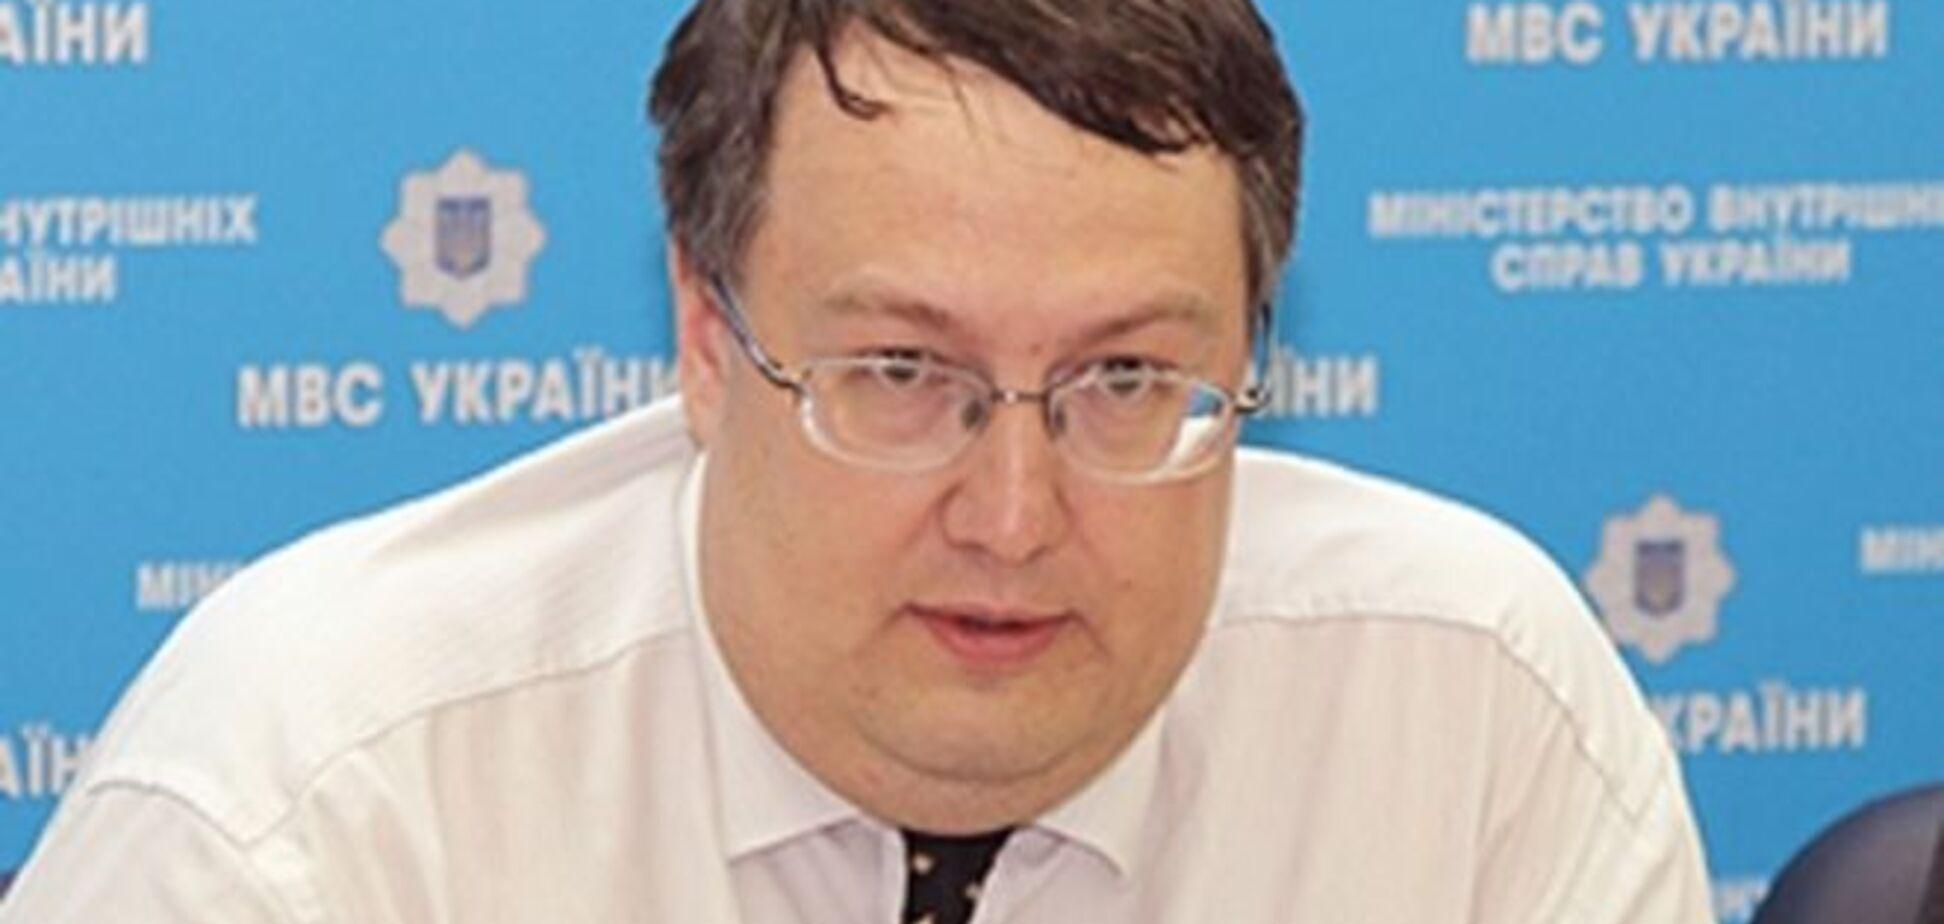 Геращенко обличил судей, посмевших оправдать 'махрового коррупционера' Мельника